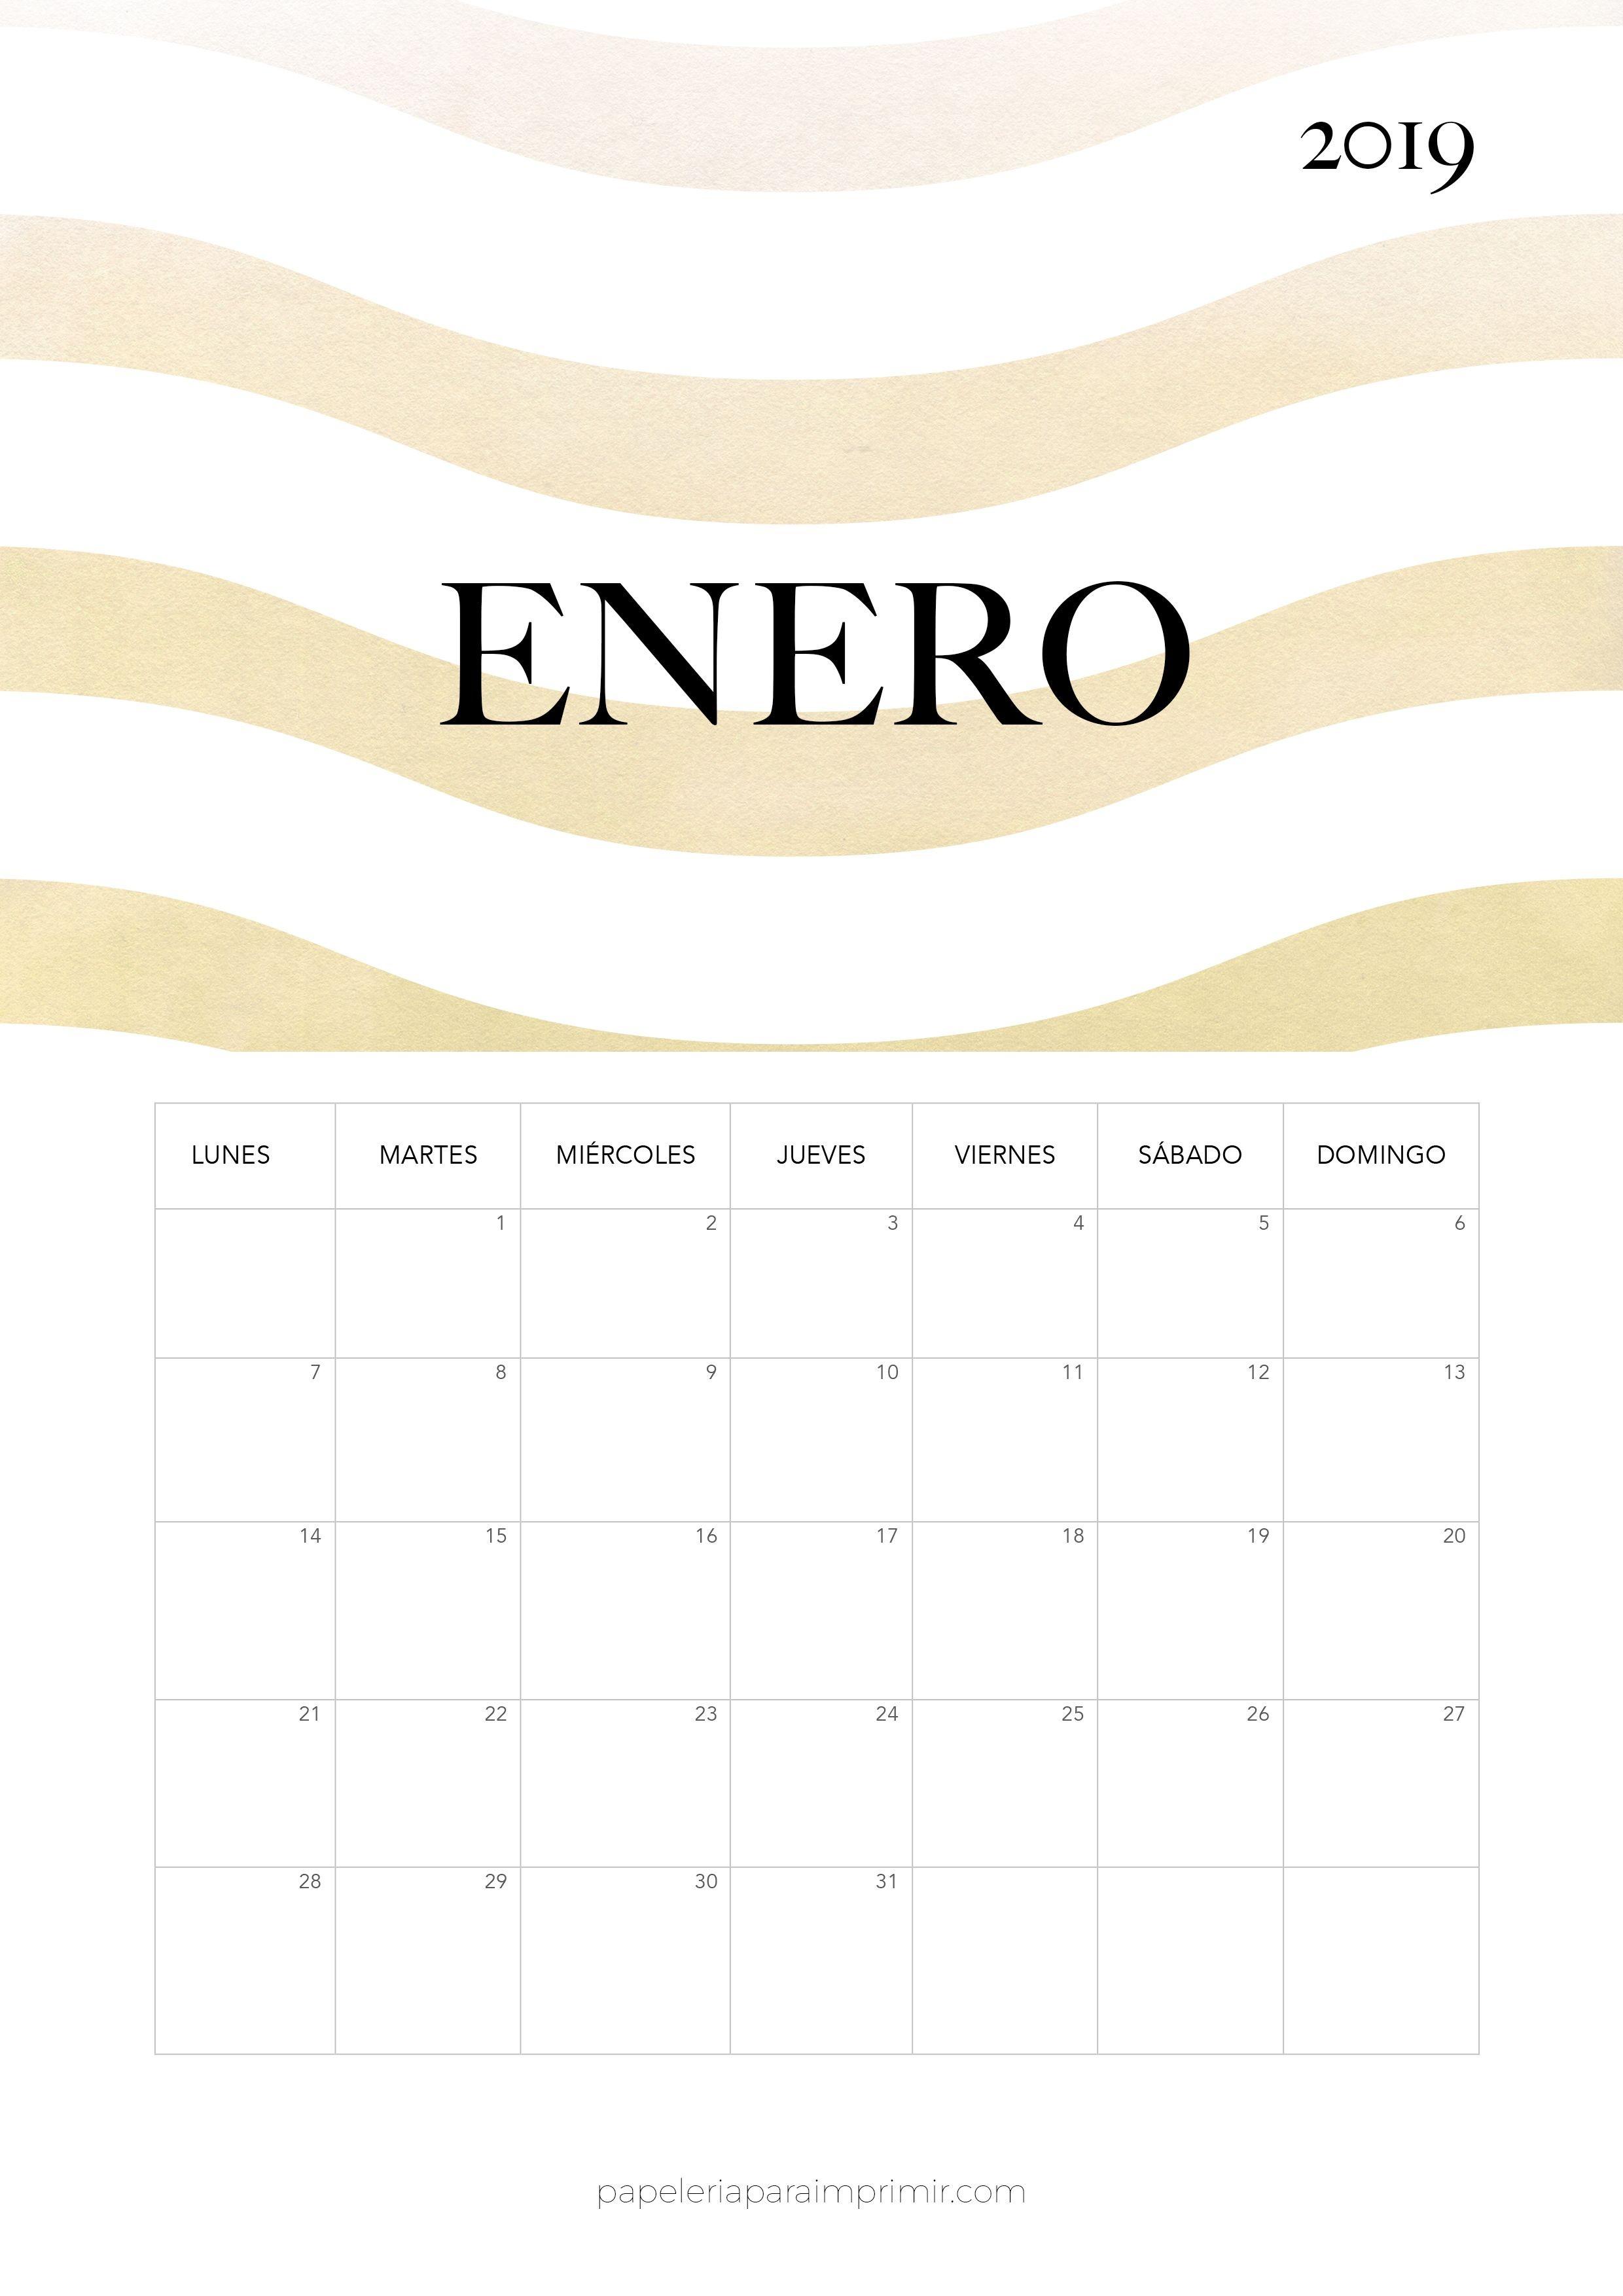 Hacer Calendario 2019 Más Recientemente Liberado Calendario 2019 Enero Calendario Mensual De Estilo Minimal Moderno Of Hacer Calendario 2019 Más Reciente A Las Macros En Excel Nos Encontramos Ante El M³dulo 11 Macros